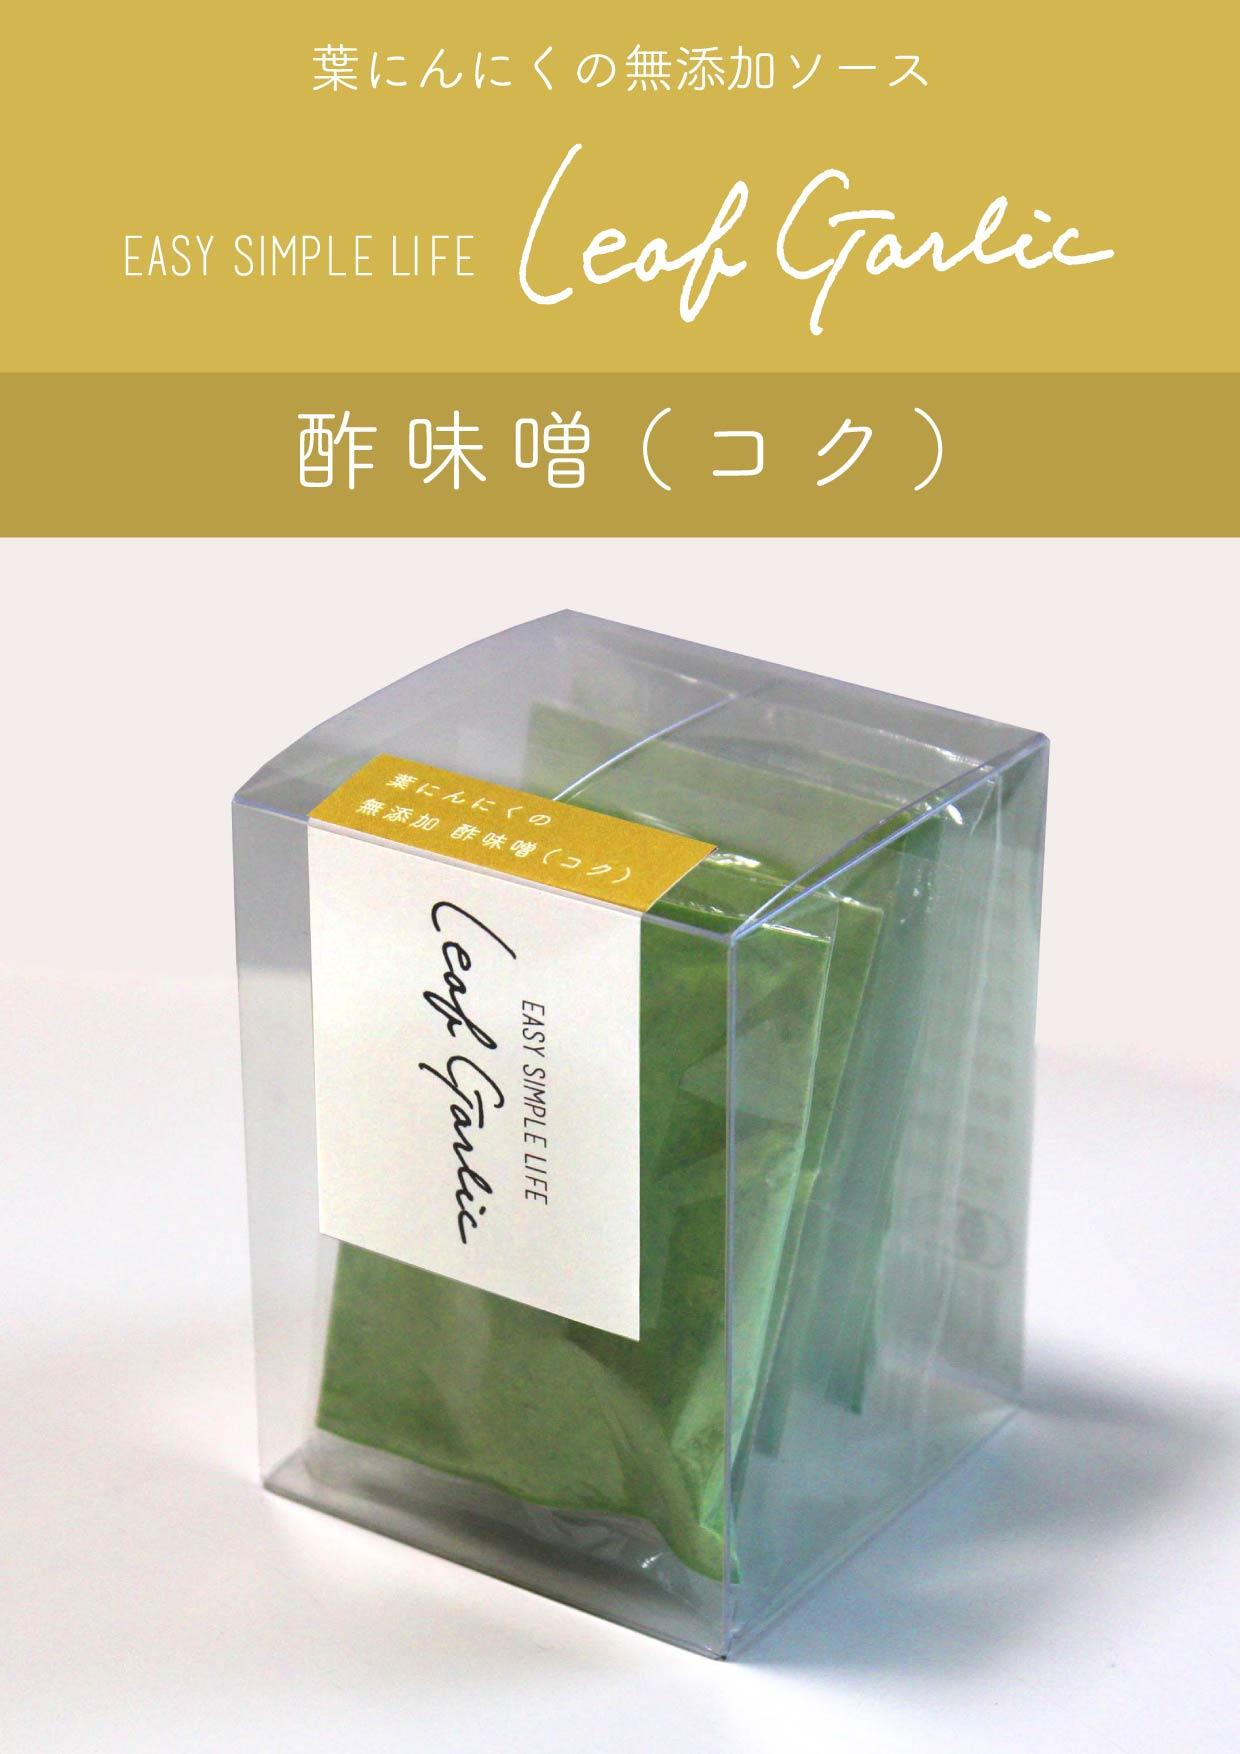 """葉にんにくぬた""""Leaf Garlic"""" 酢味噌(コク)"""